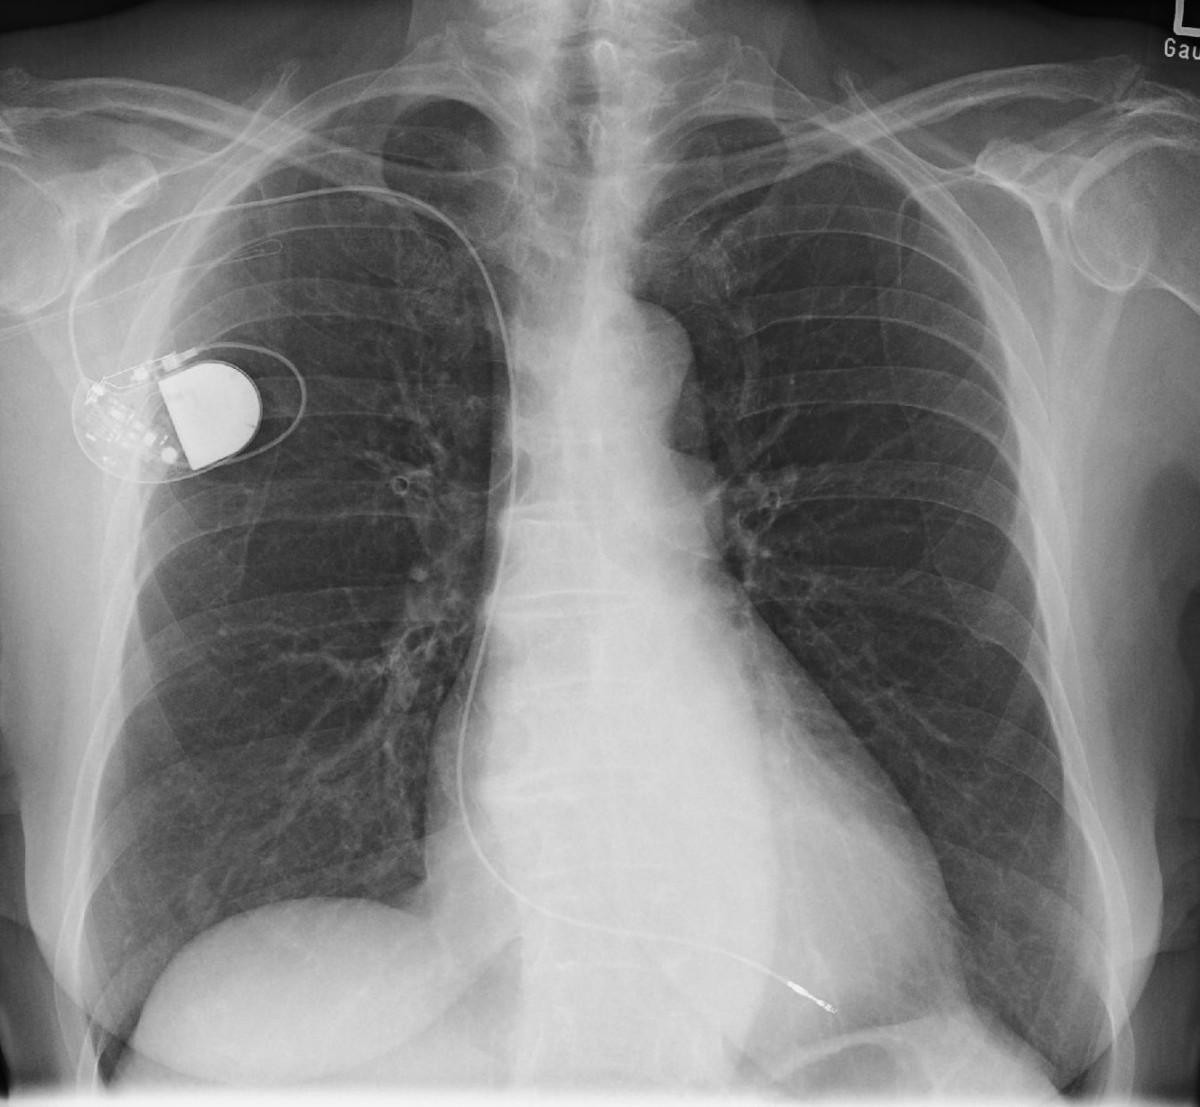 Sitz eines Herzschrittmachers im Körper